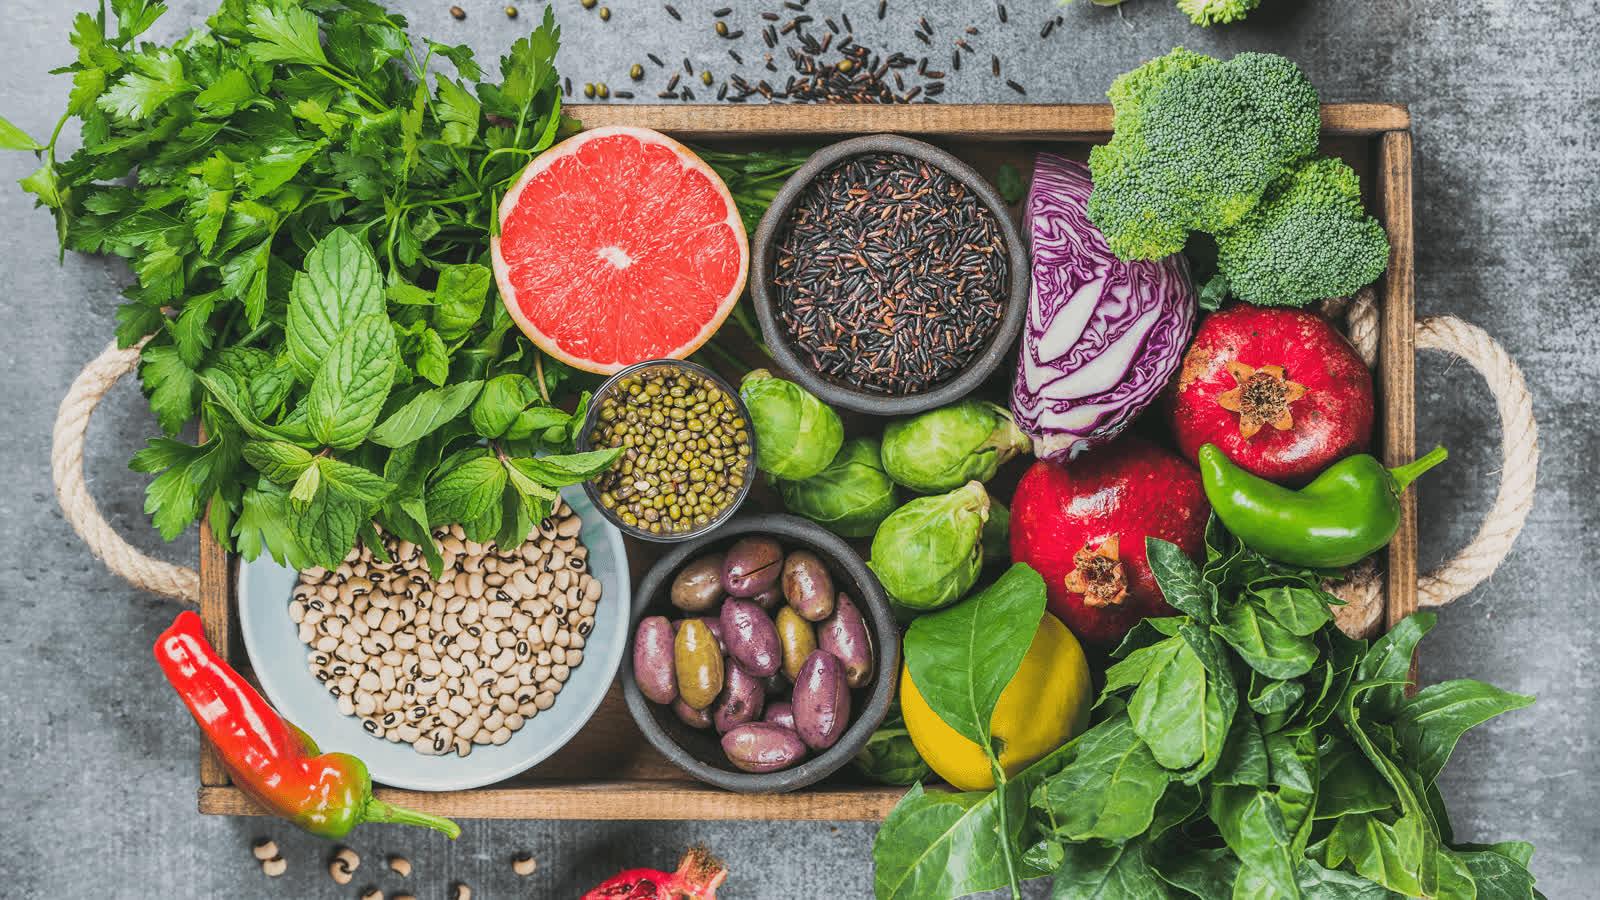 4 cách tăng cường sức đề kháng, hạn chế ốm vặt, mệt mỏi vào lúc giao mùa: Dinh dưỡng đầy đủ, sinh hoạt điều độ là chìa khóa của sức khỏe - Ảnh 1.